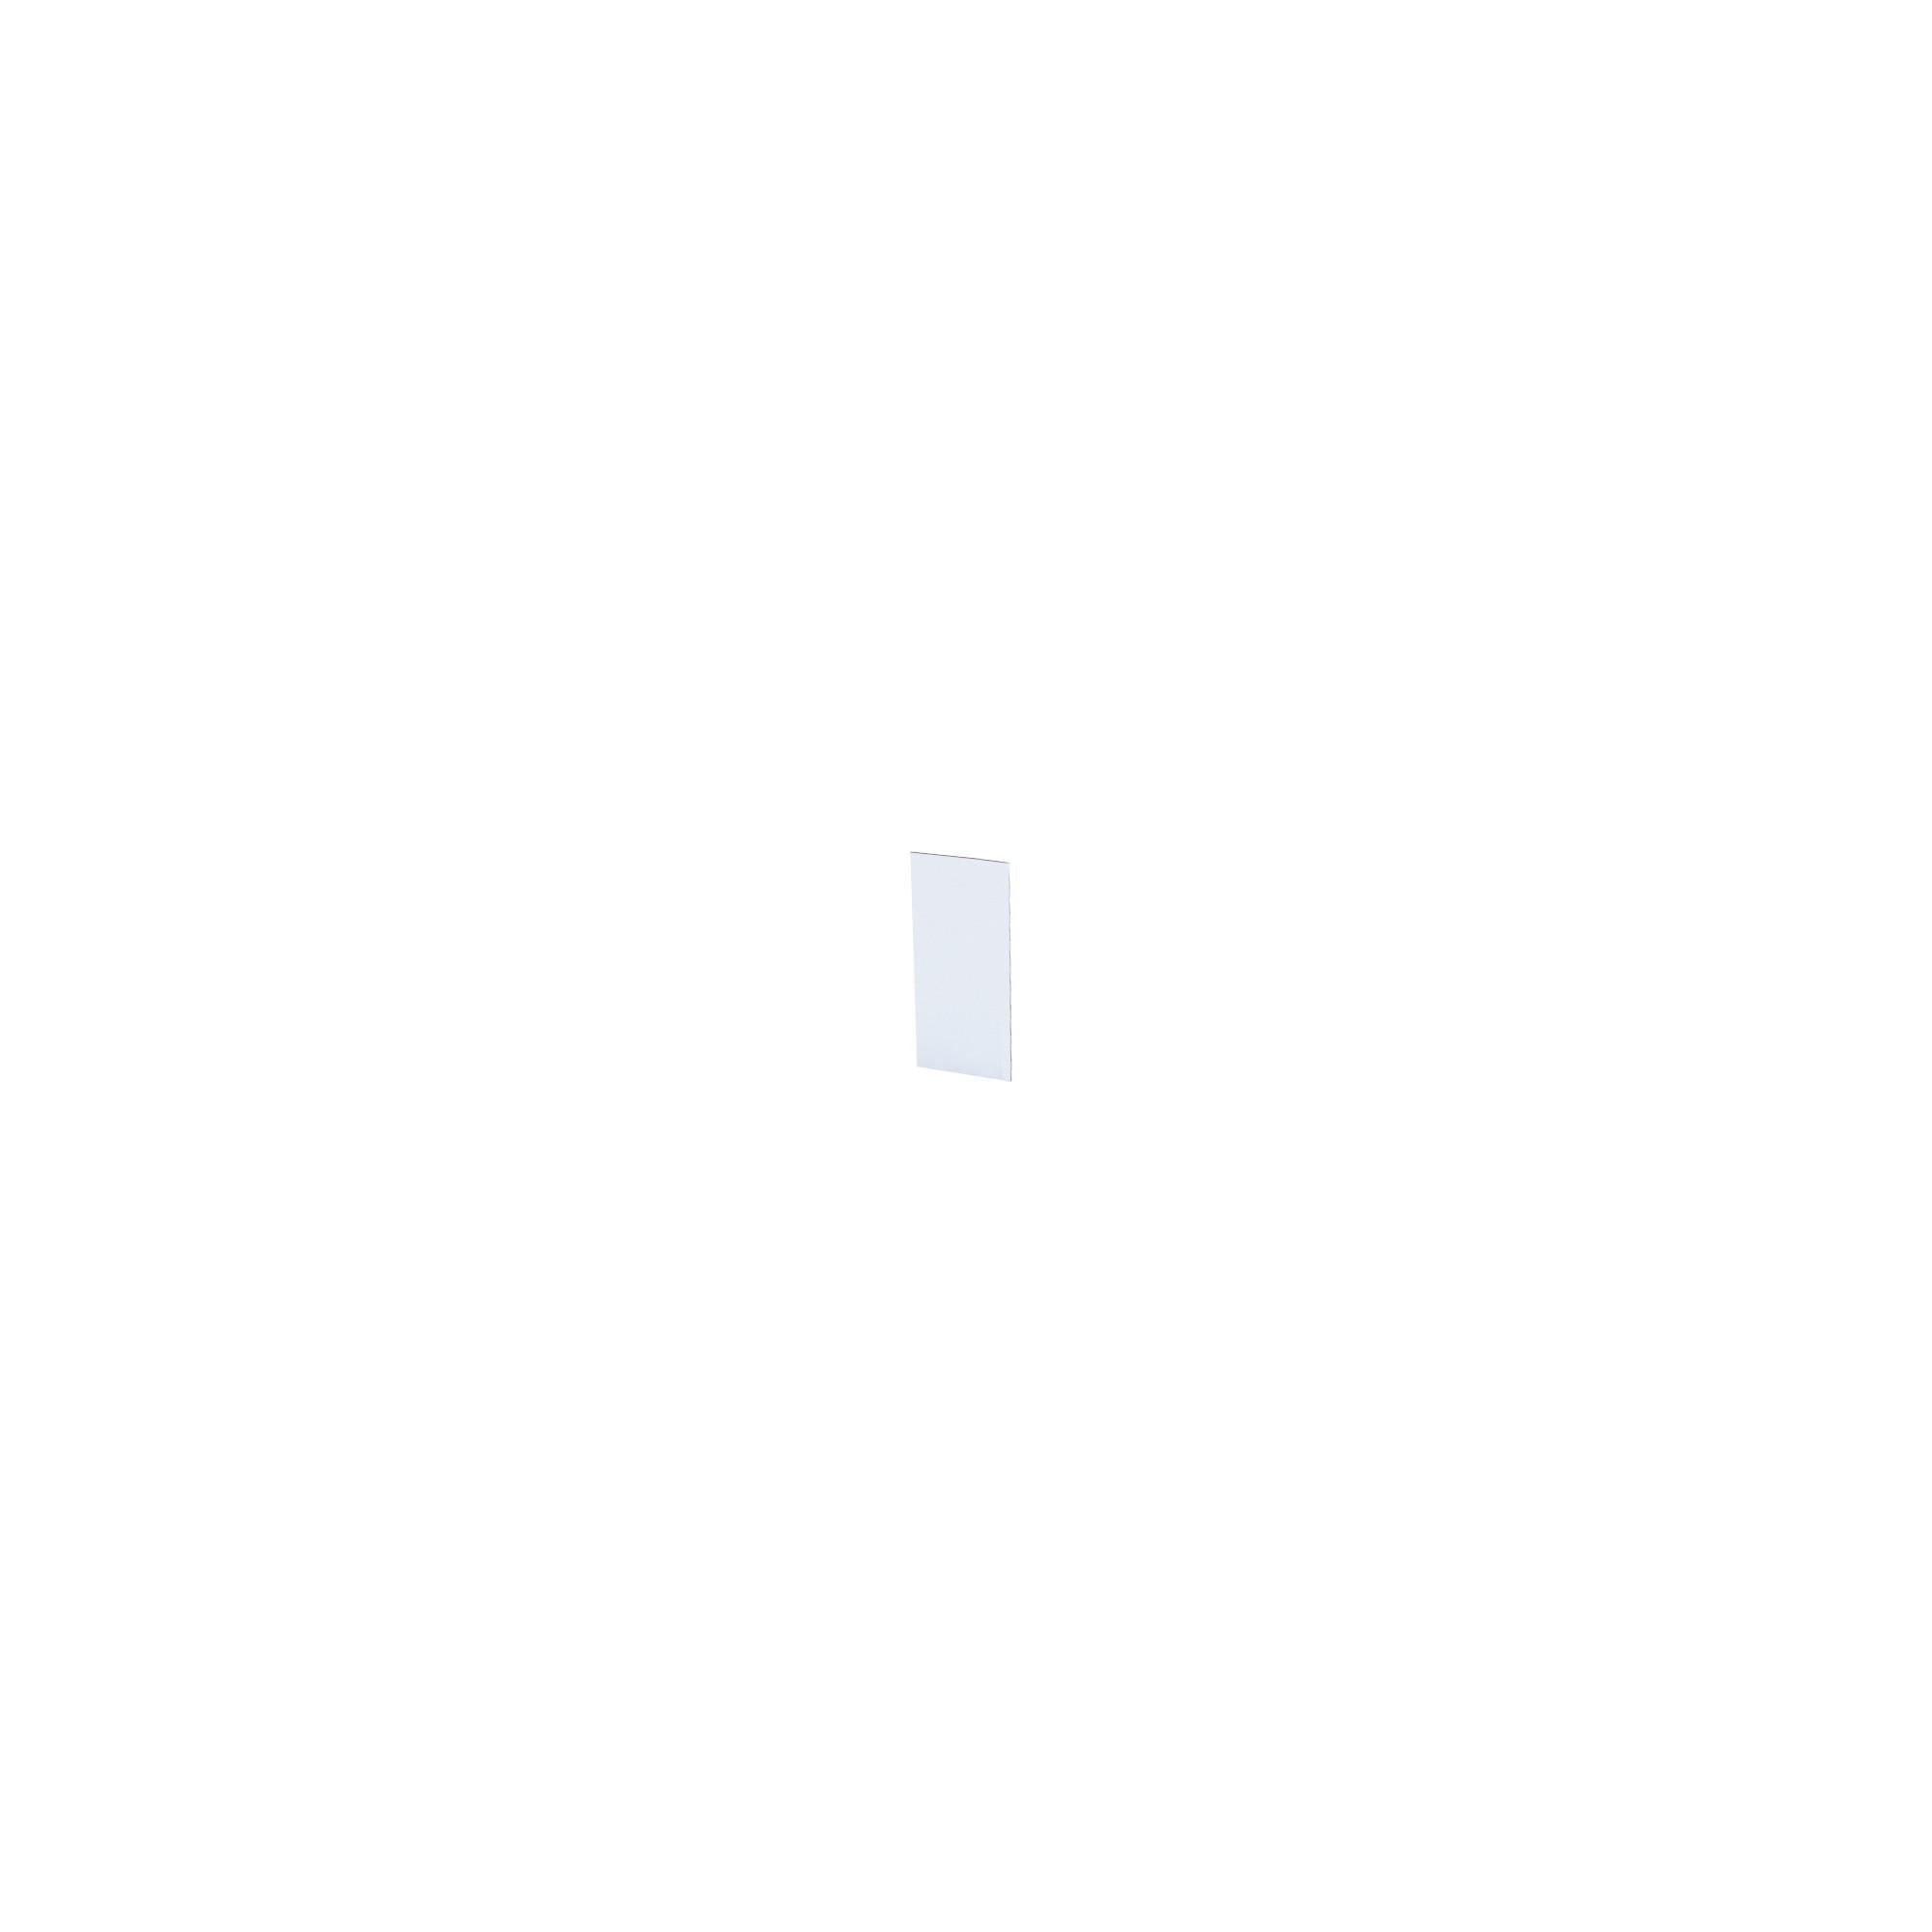 PYREX SHORT SIDE A116 (140X405X5 MM)